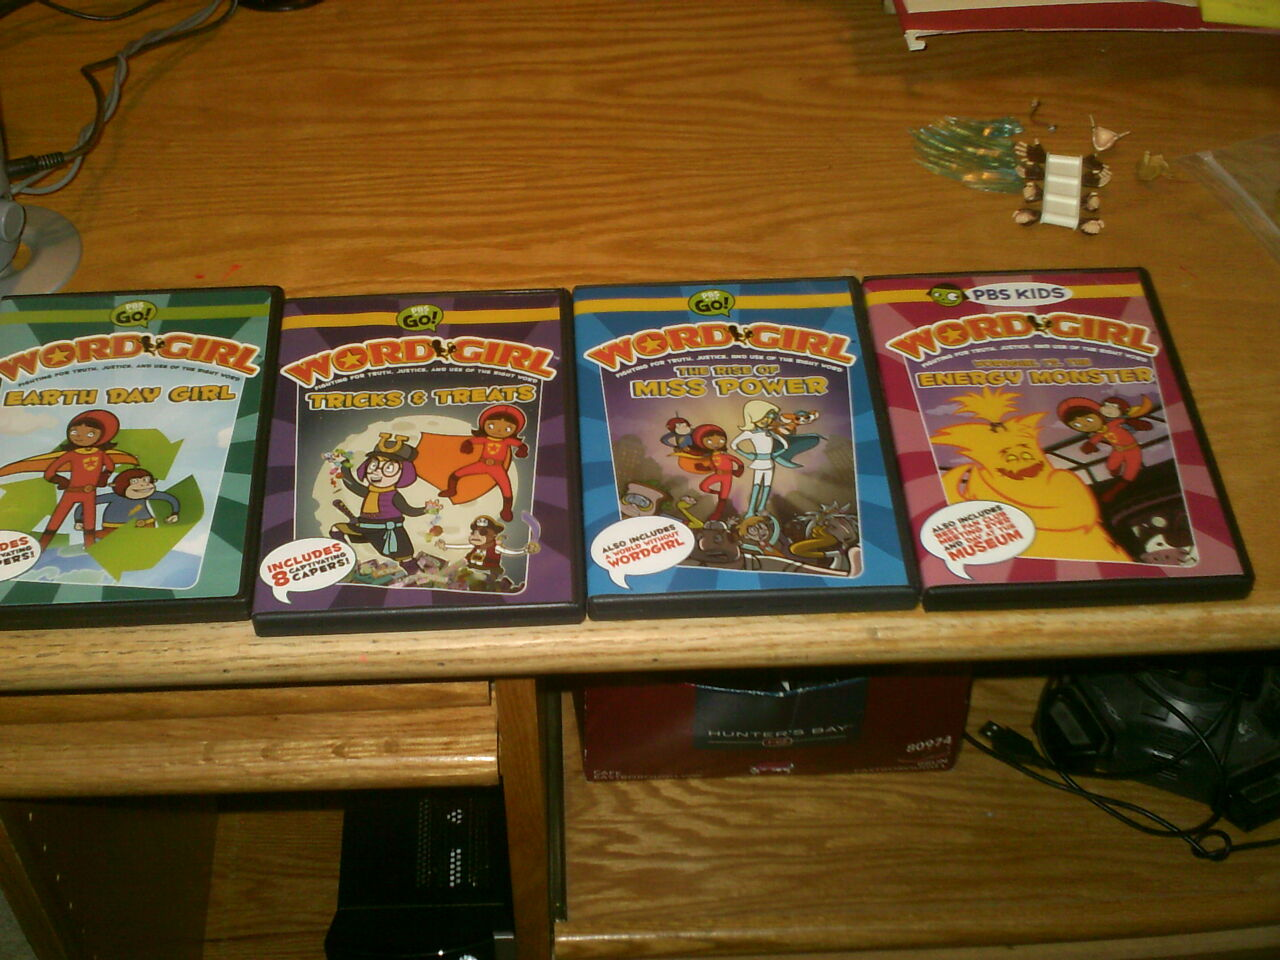 Wordgirl DVDS.JPG